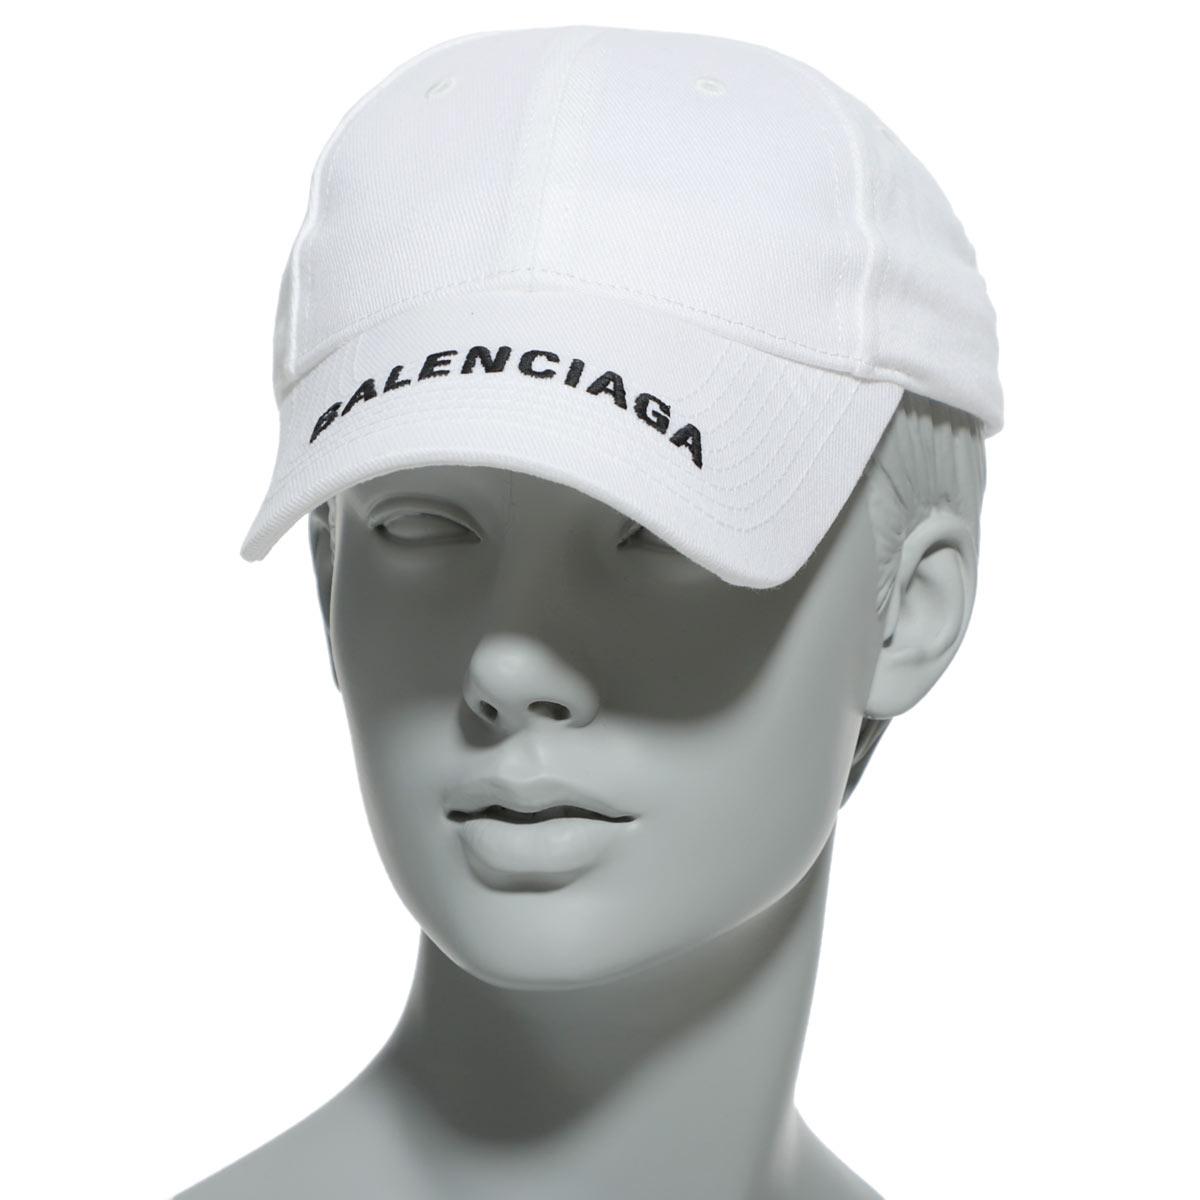 レディース帽子, キャップ  BALENCIAGA 531588 310b2 9060 HAT BALENCIAGA LOGO VISER CAP